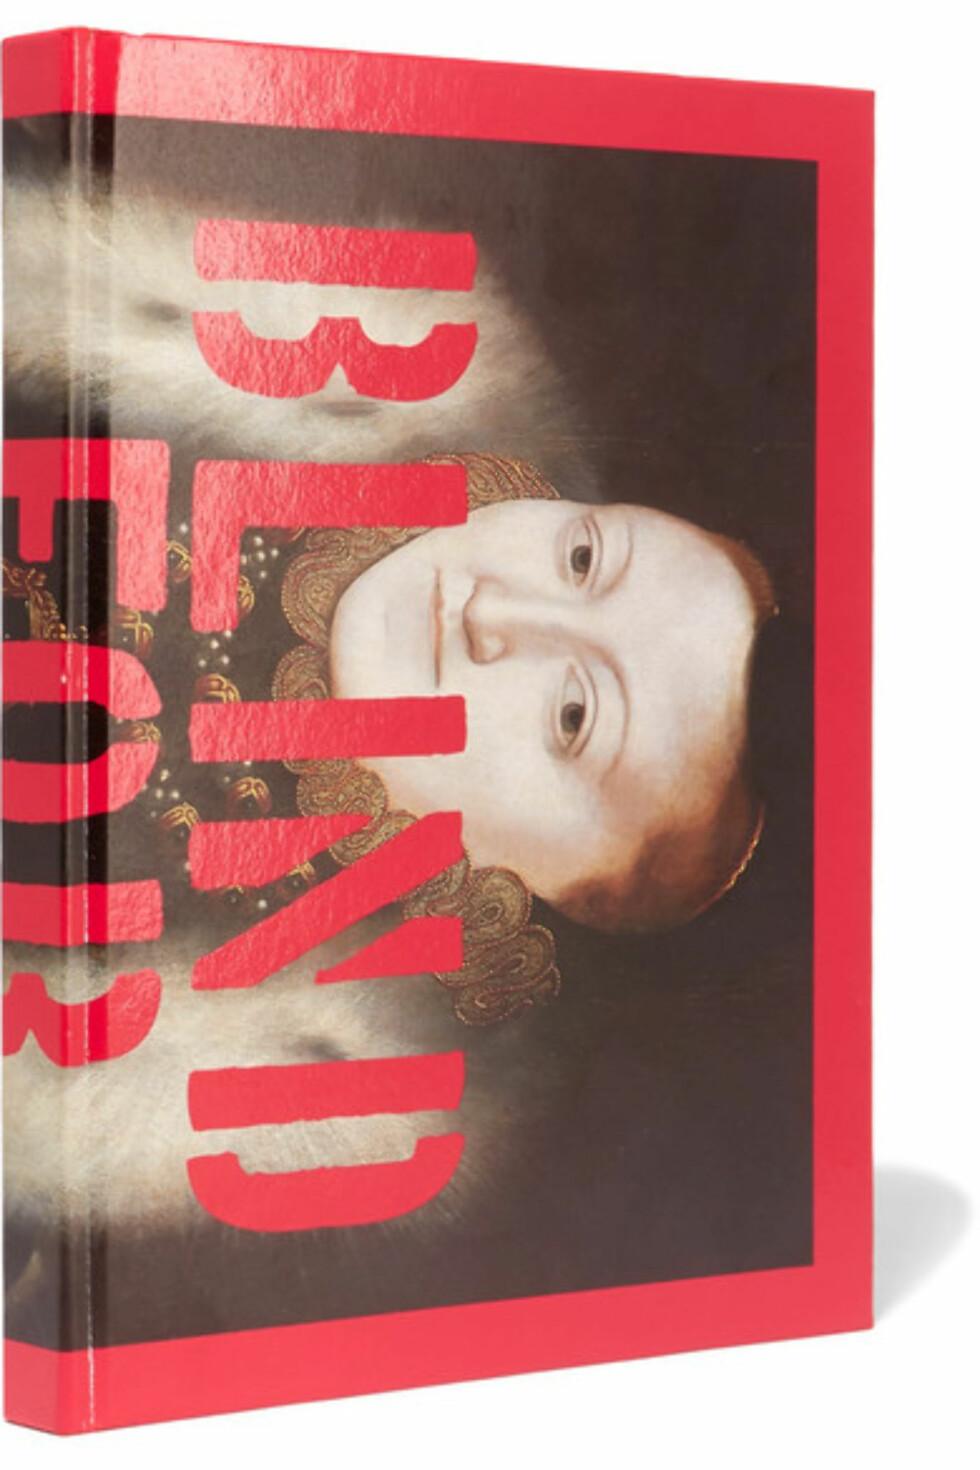 <strong>Gucci:</strong> Blind for Love av Nick Waplington via Net-a-porter.com | kr 539 | https://www.net-a-porter.com/no/en/product/884280/assouline/gucci--blind-for-love-by-nick-waplington-hardcover-book